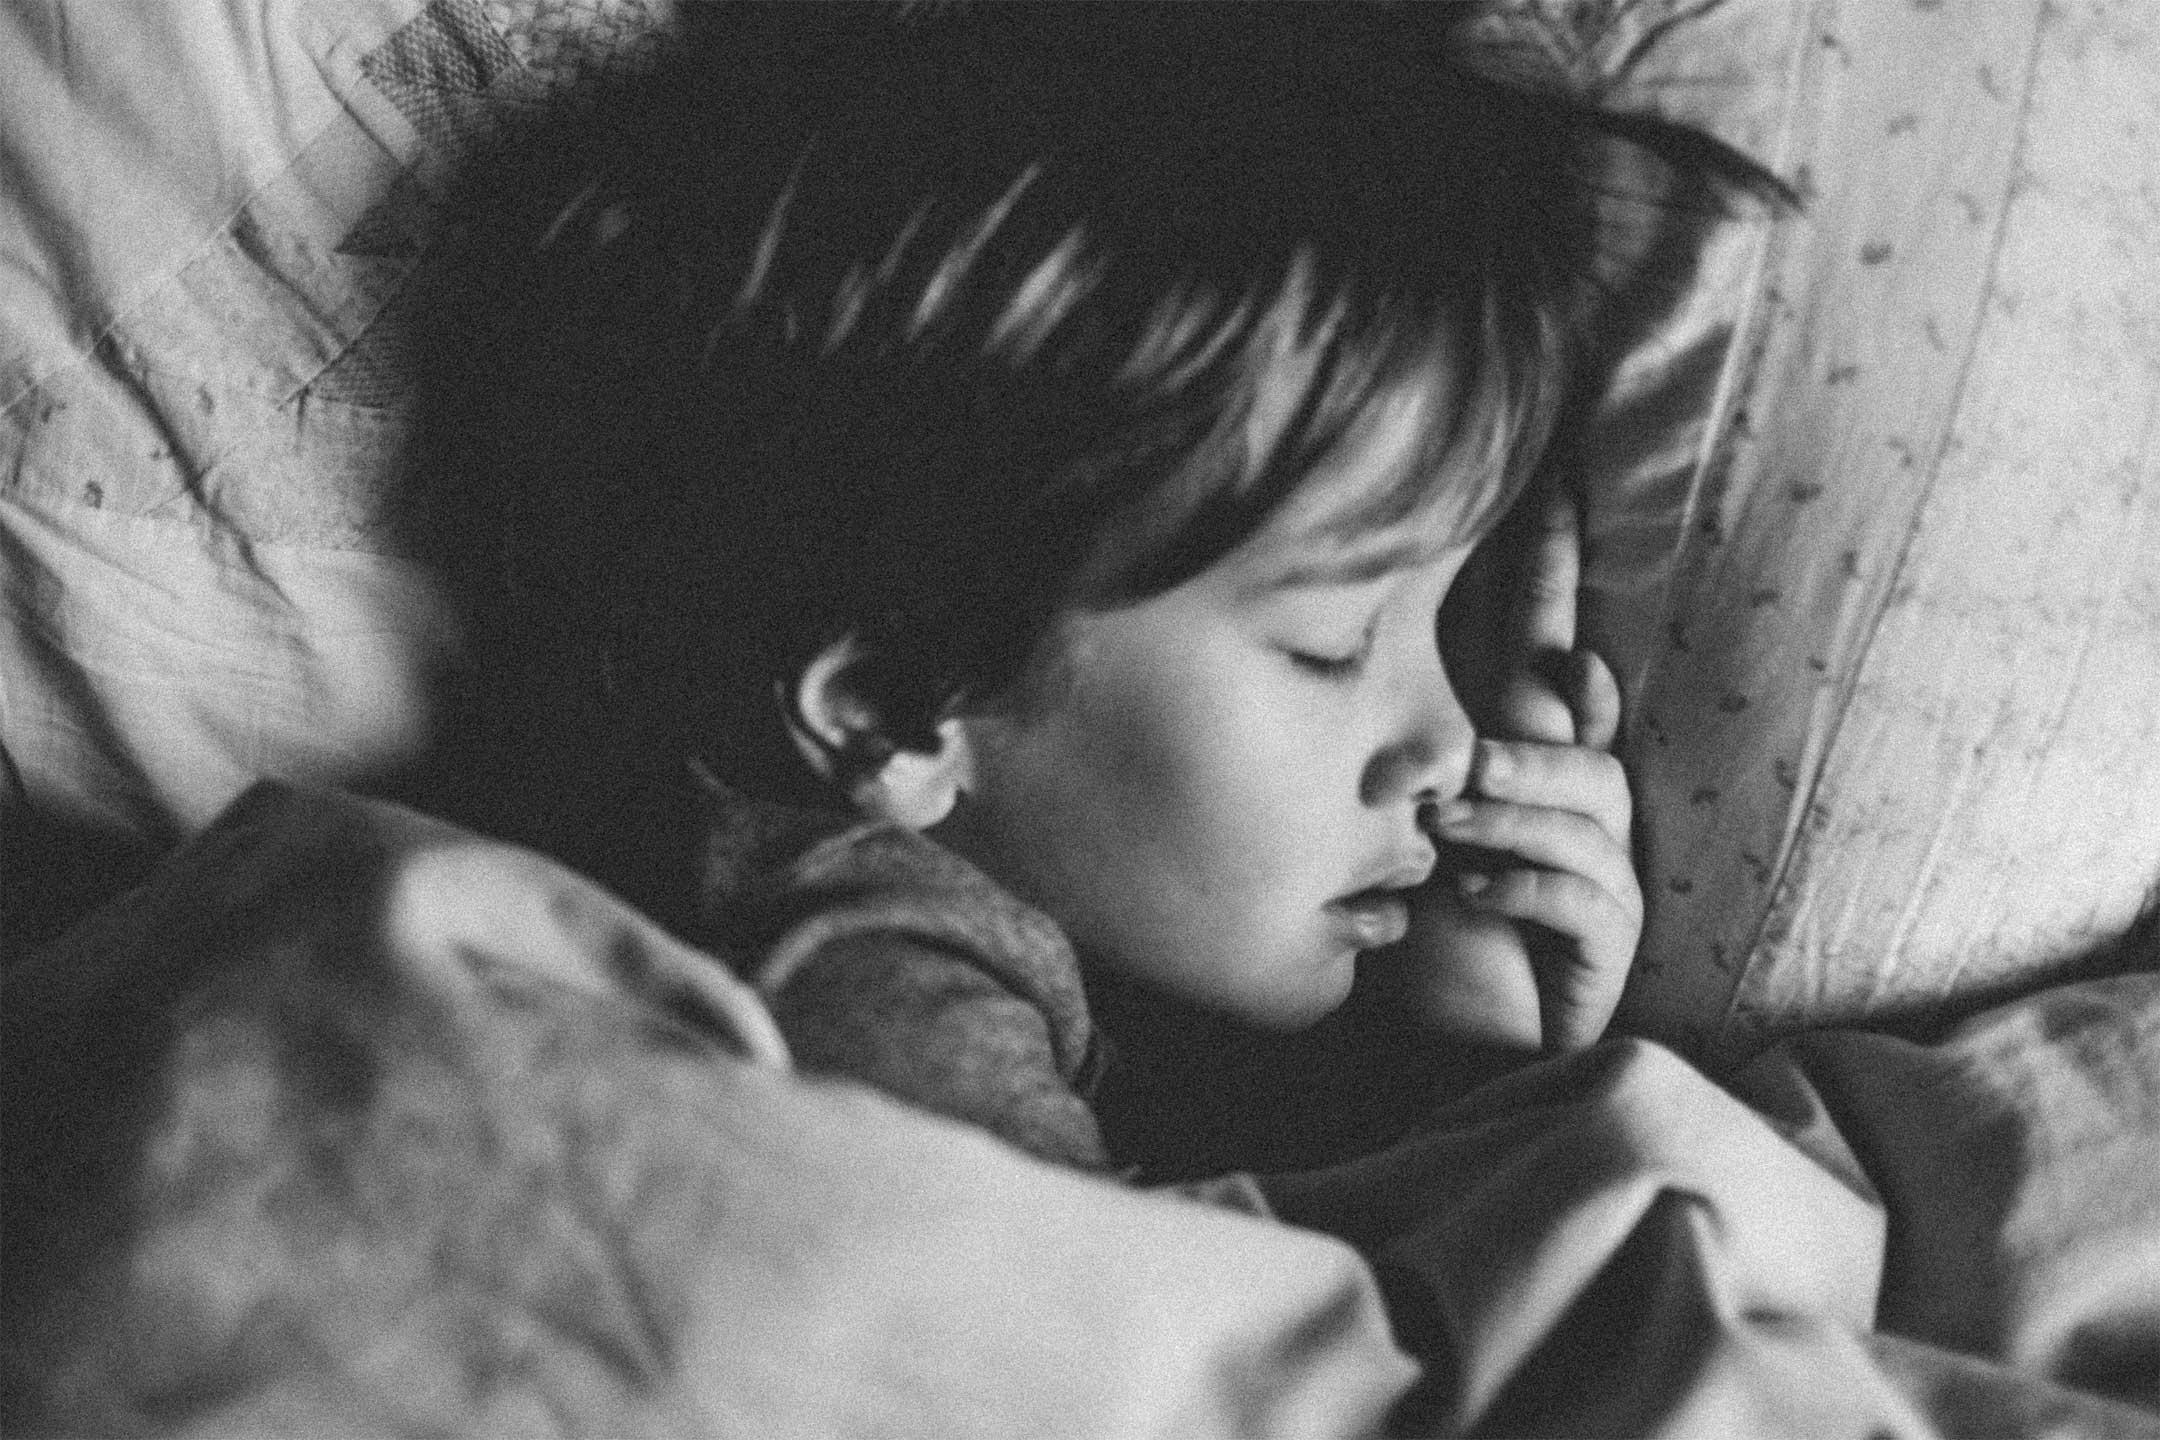 young-boy-sleeping-mono2160